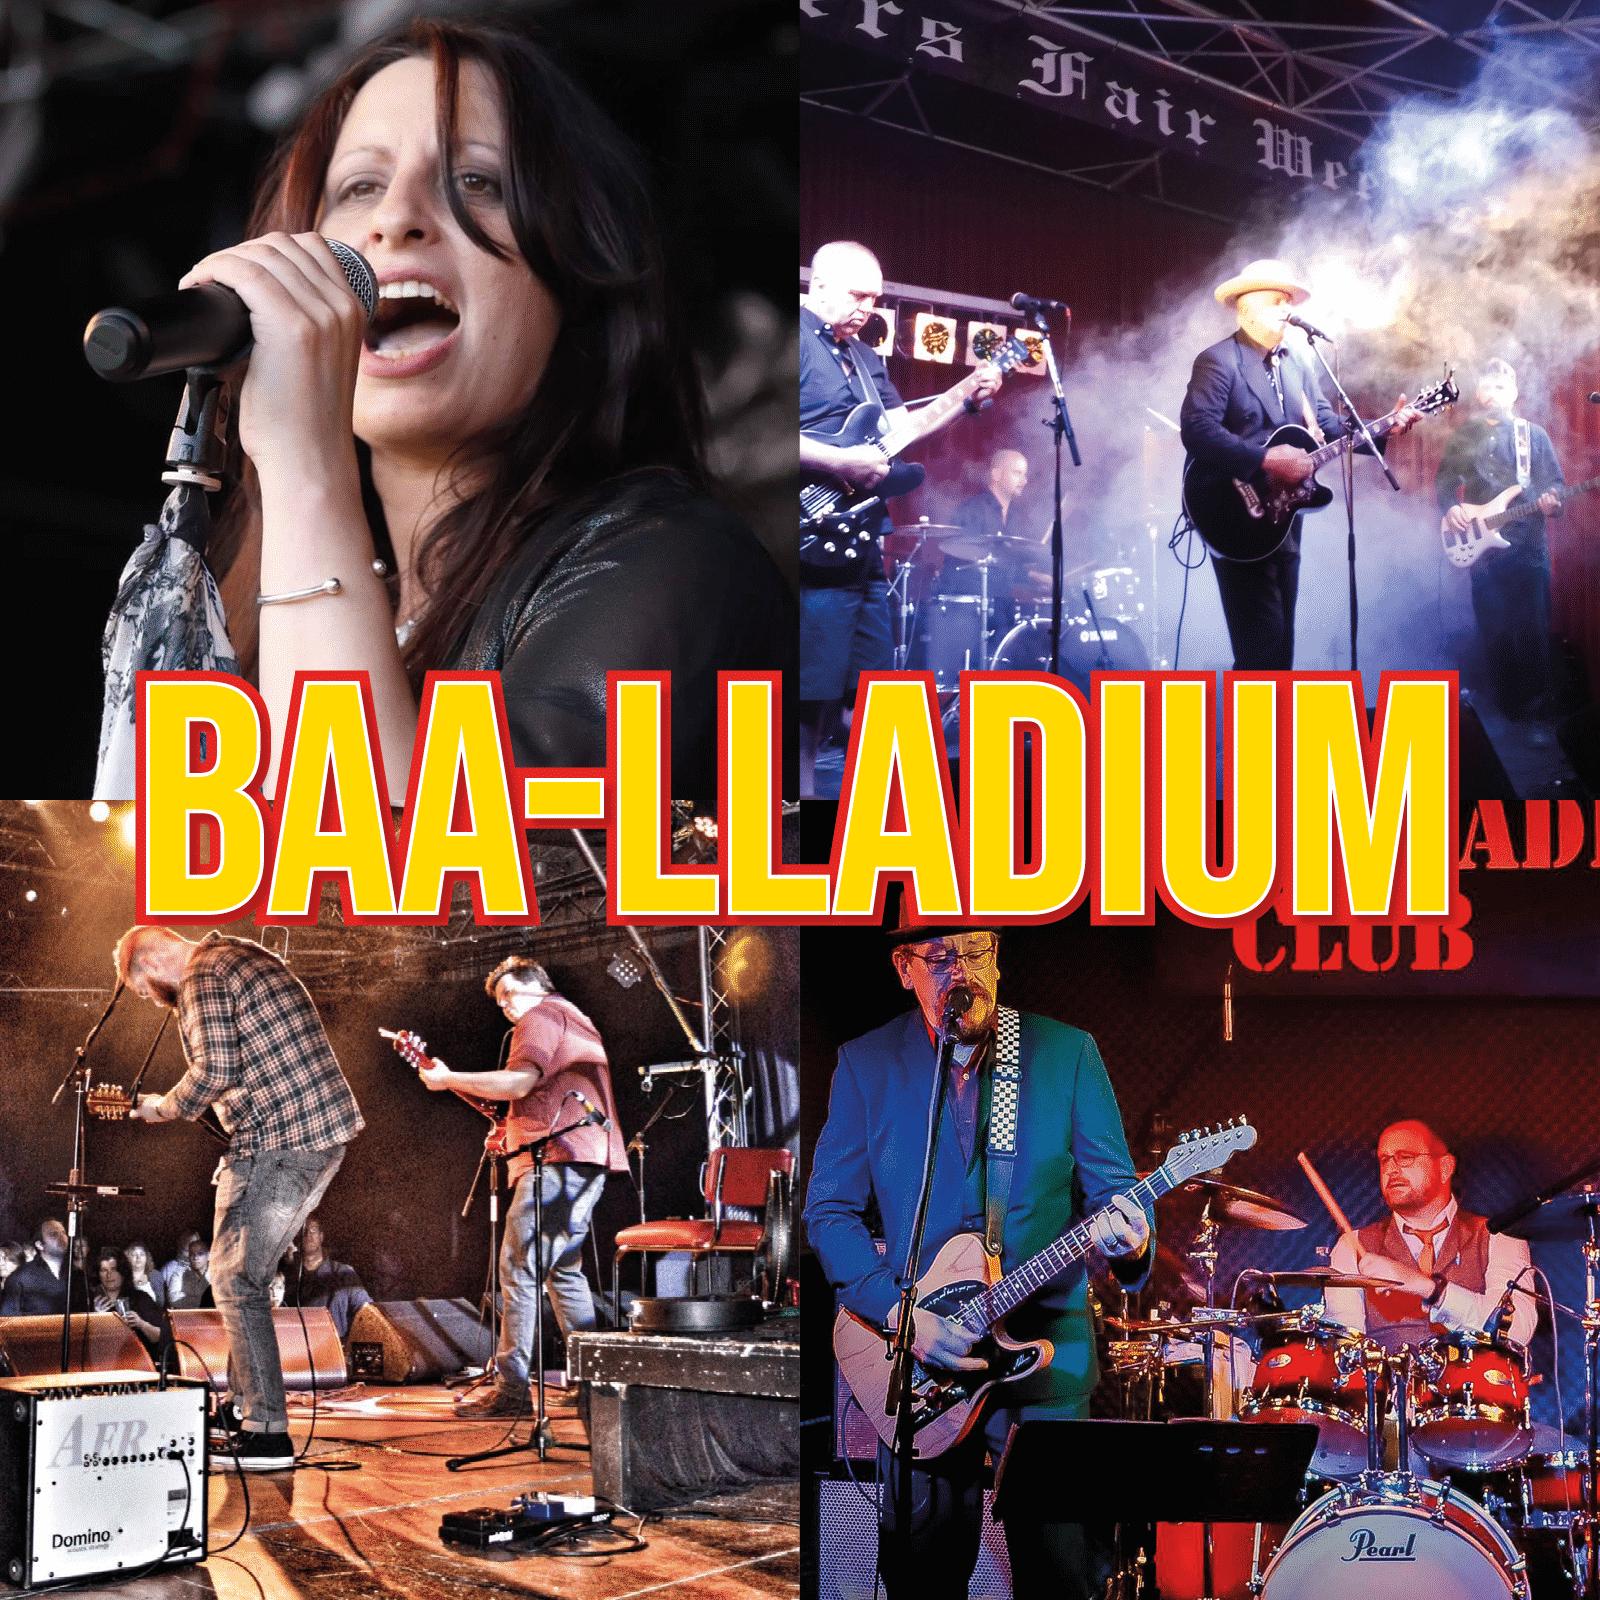 Baa-lladium